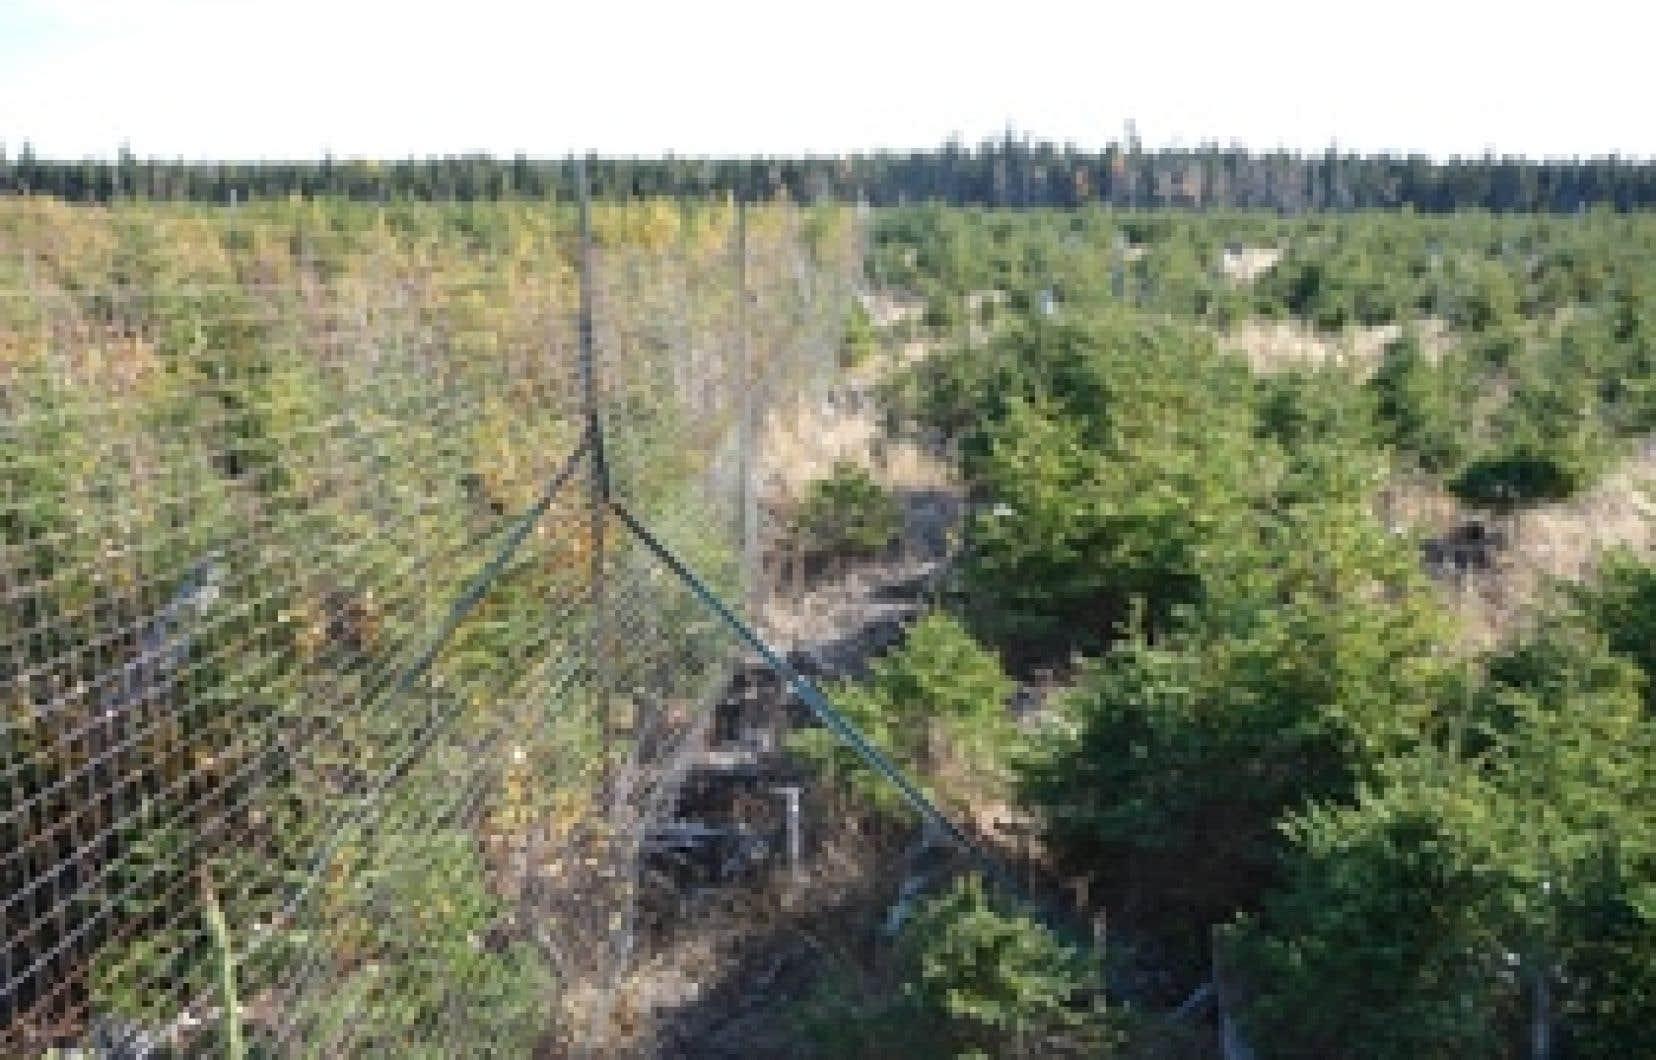 Dans un même parterre de coupe forestière, une végétation feuillue, parsemée de sapins et d'arbustes divers, reprend immédiatement dans l'exclos, dont les cerfs sont exclus. À l'extérieur (à droite), seules les épinettes blanches surviven